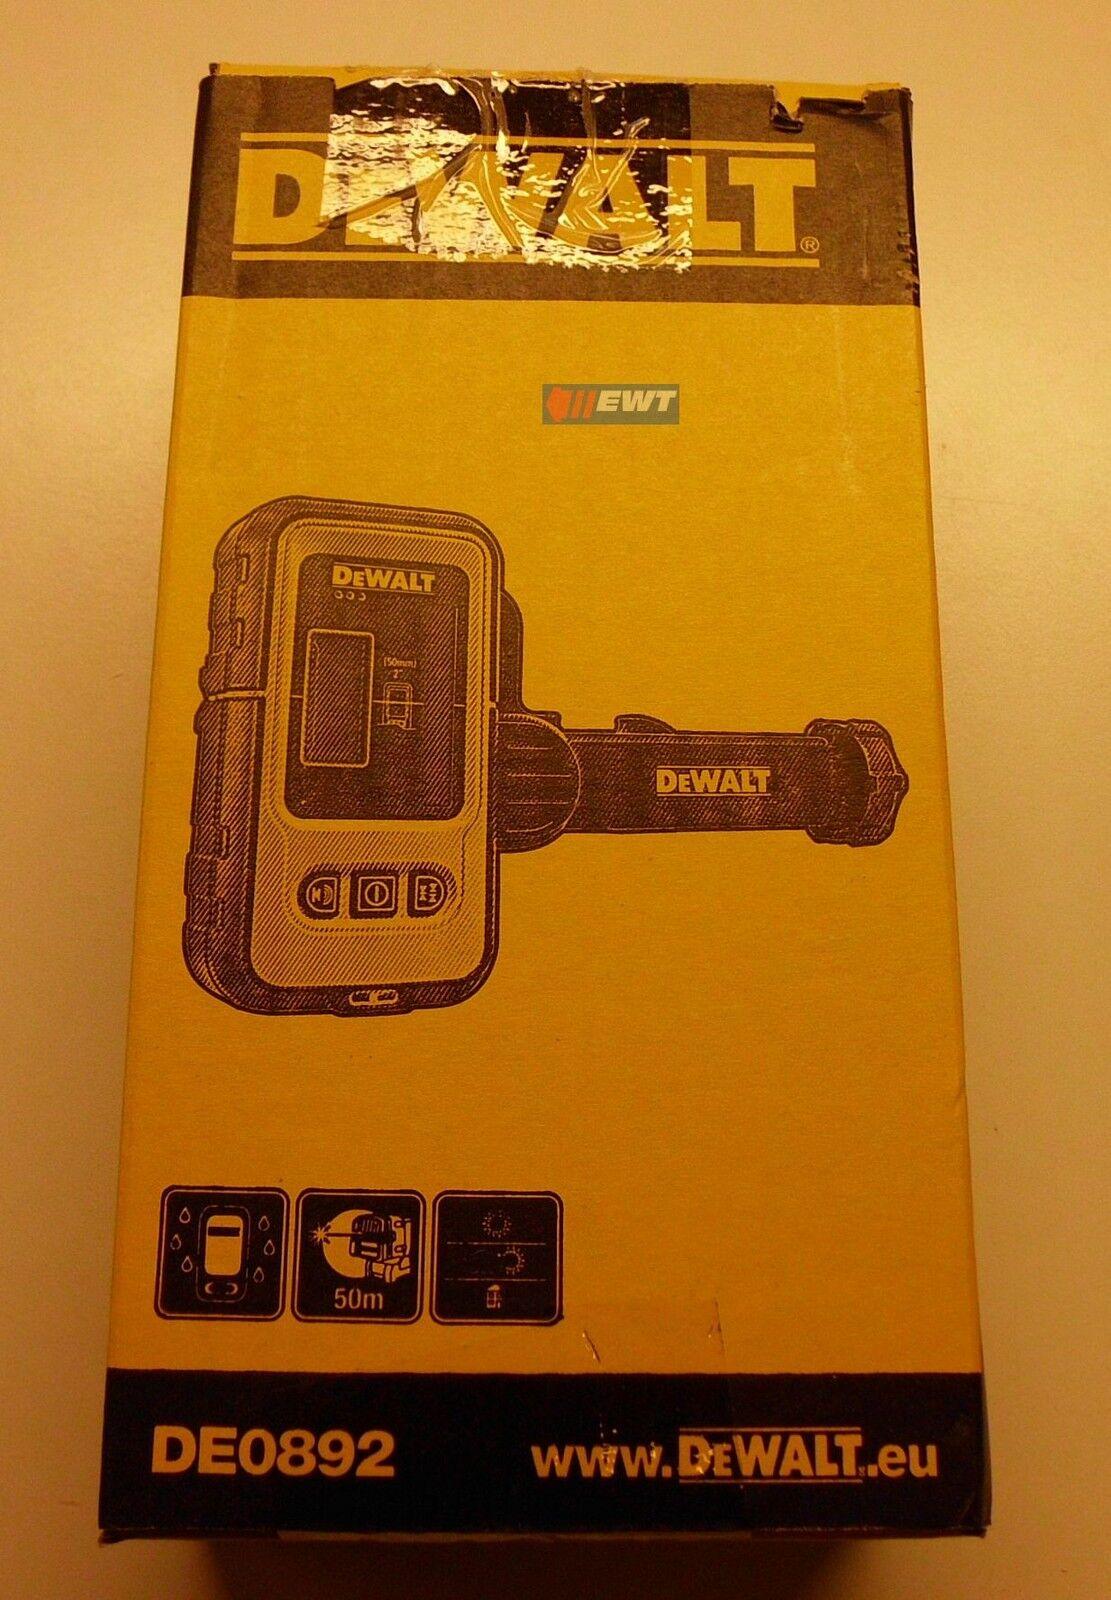 DeWALT DE0892  Laser Detektor   Empfänger für Laser  DW088 & DW089  DE 0892